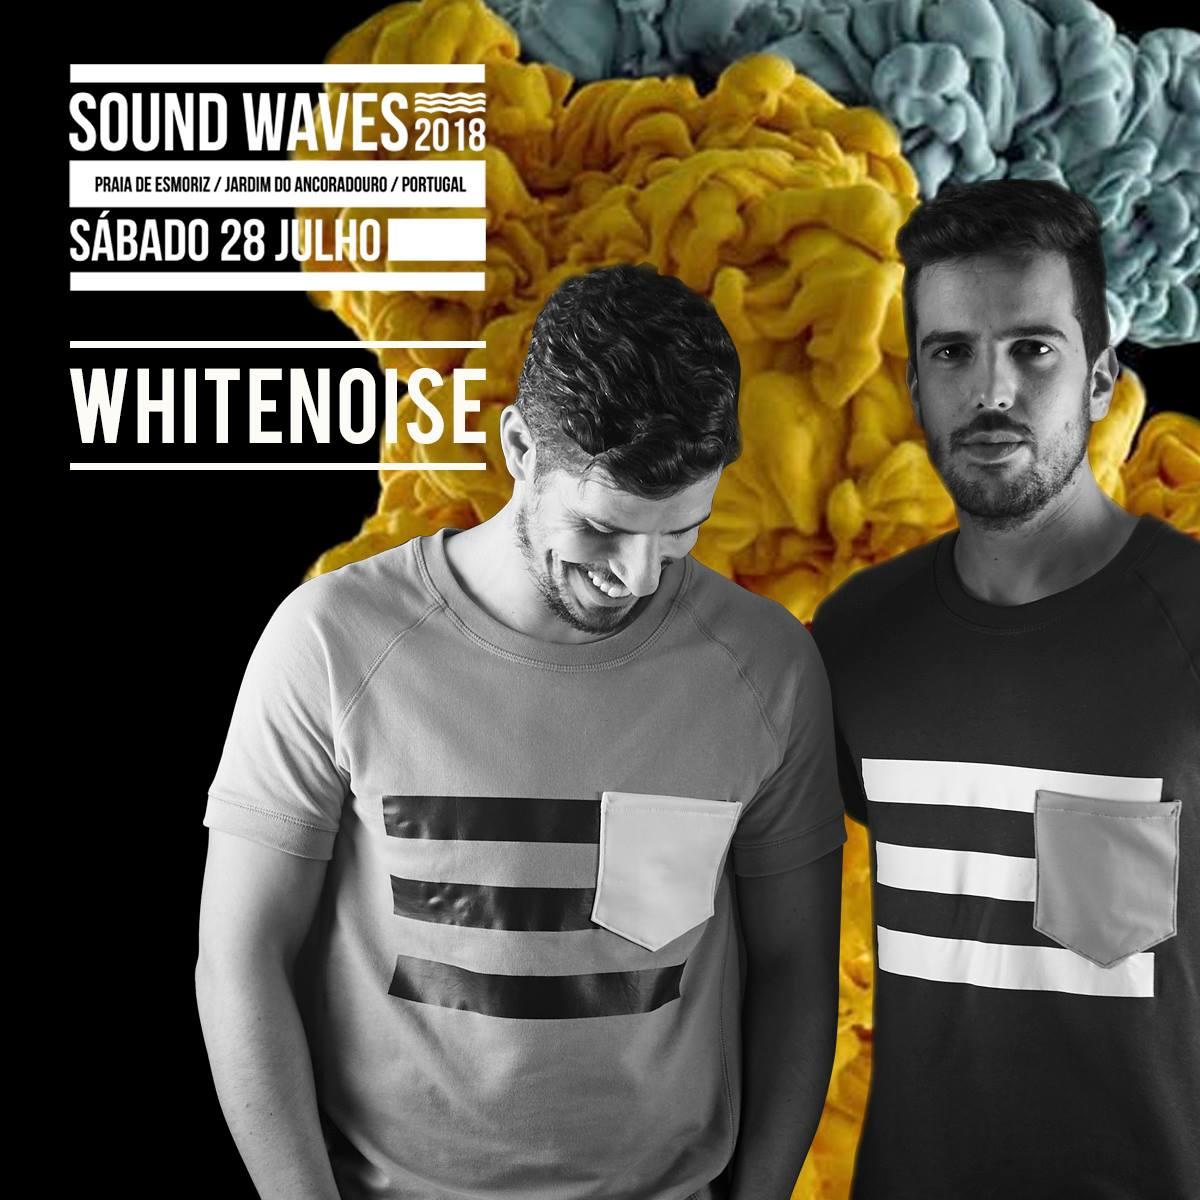 WhiteNoise SW 2018